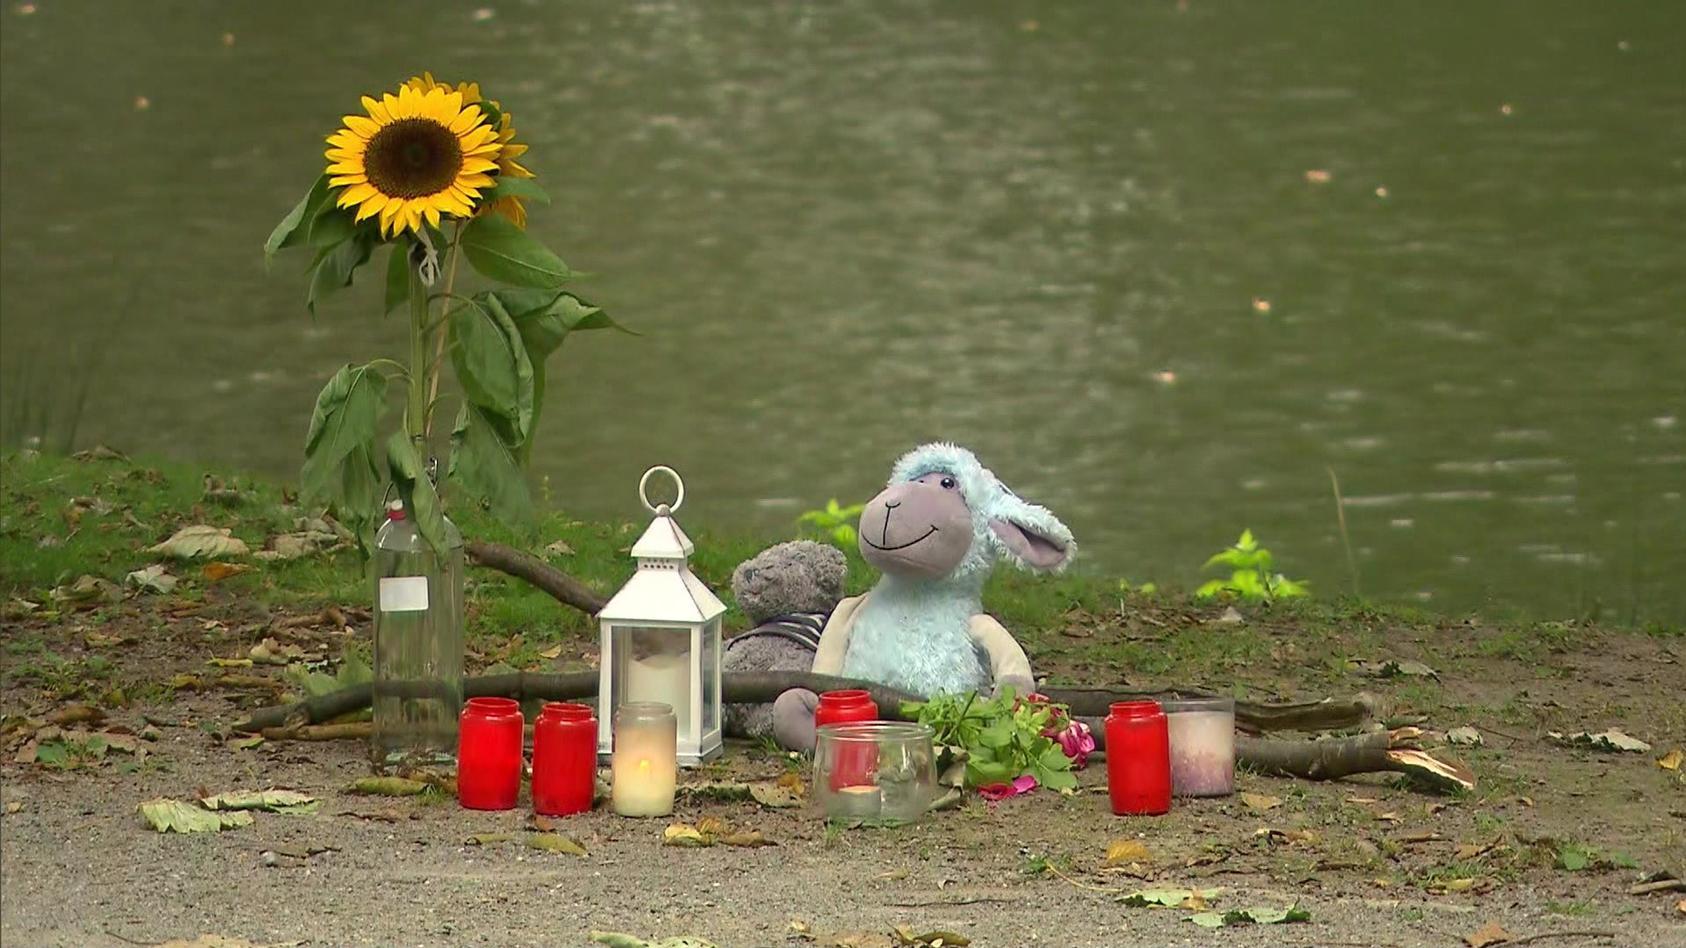 Kerzen leuchten heute für die verstorbene junge Frau. Die Menschen in Hamm zeigen Anteilnahme an einem schrecklichen Verbrechen.